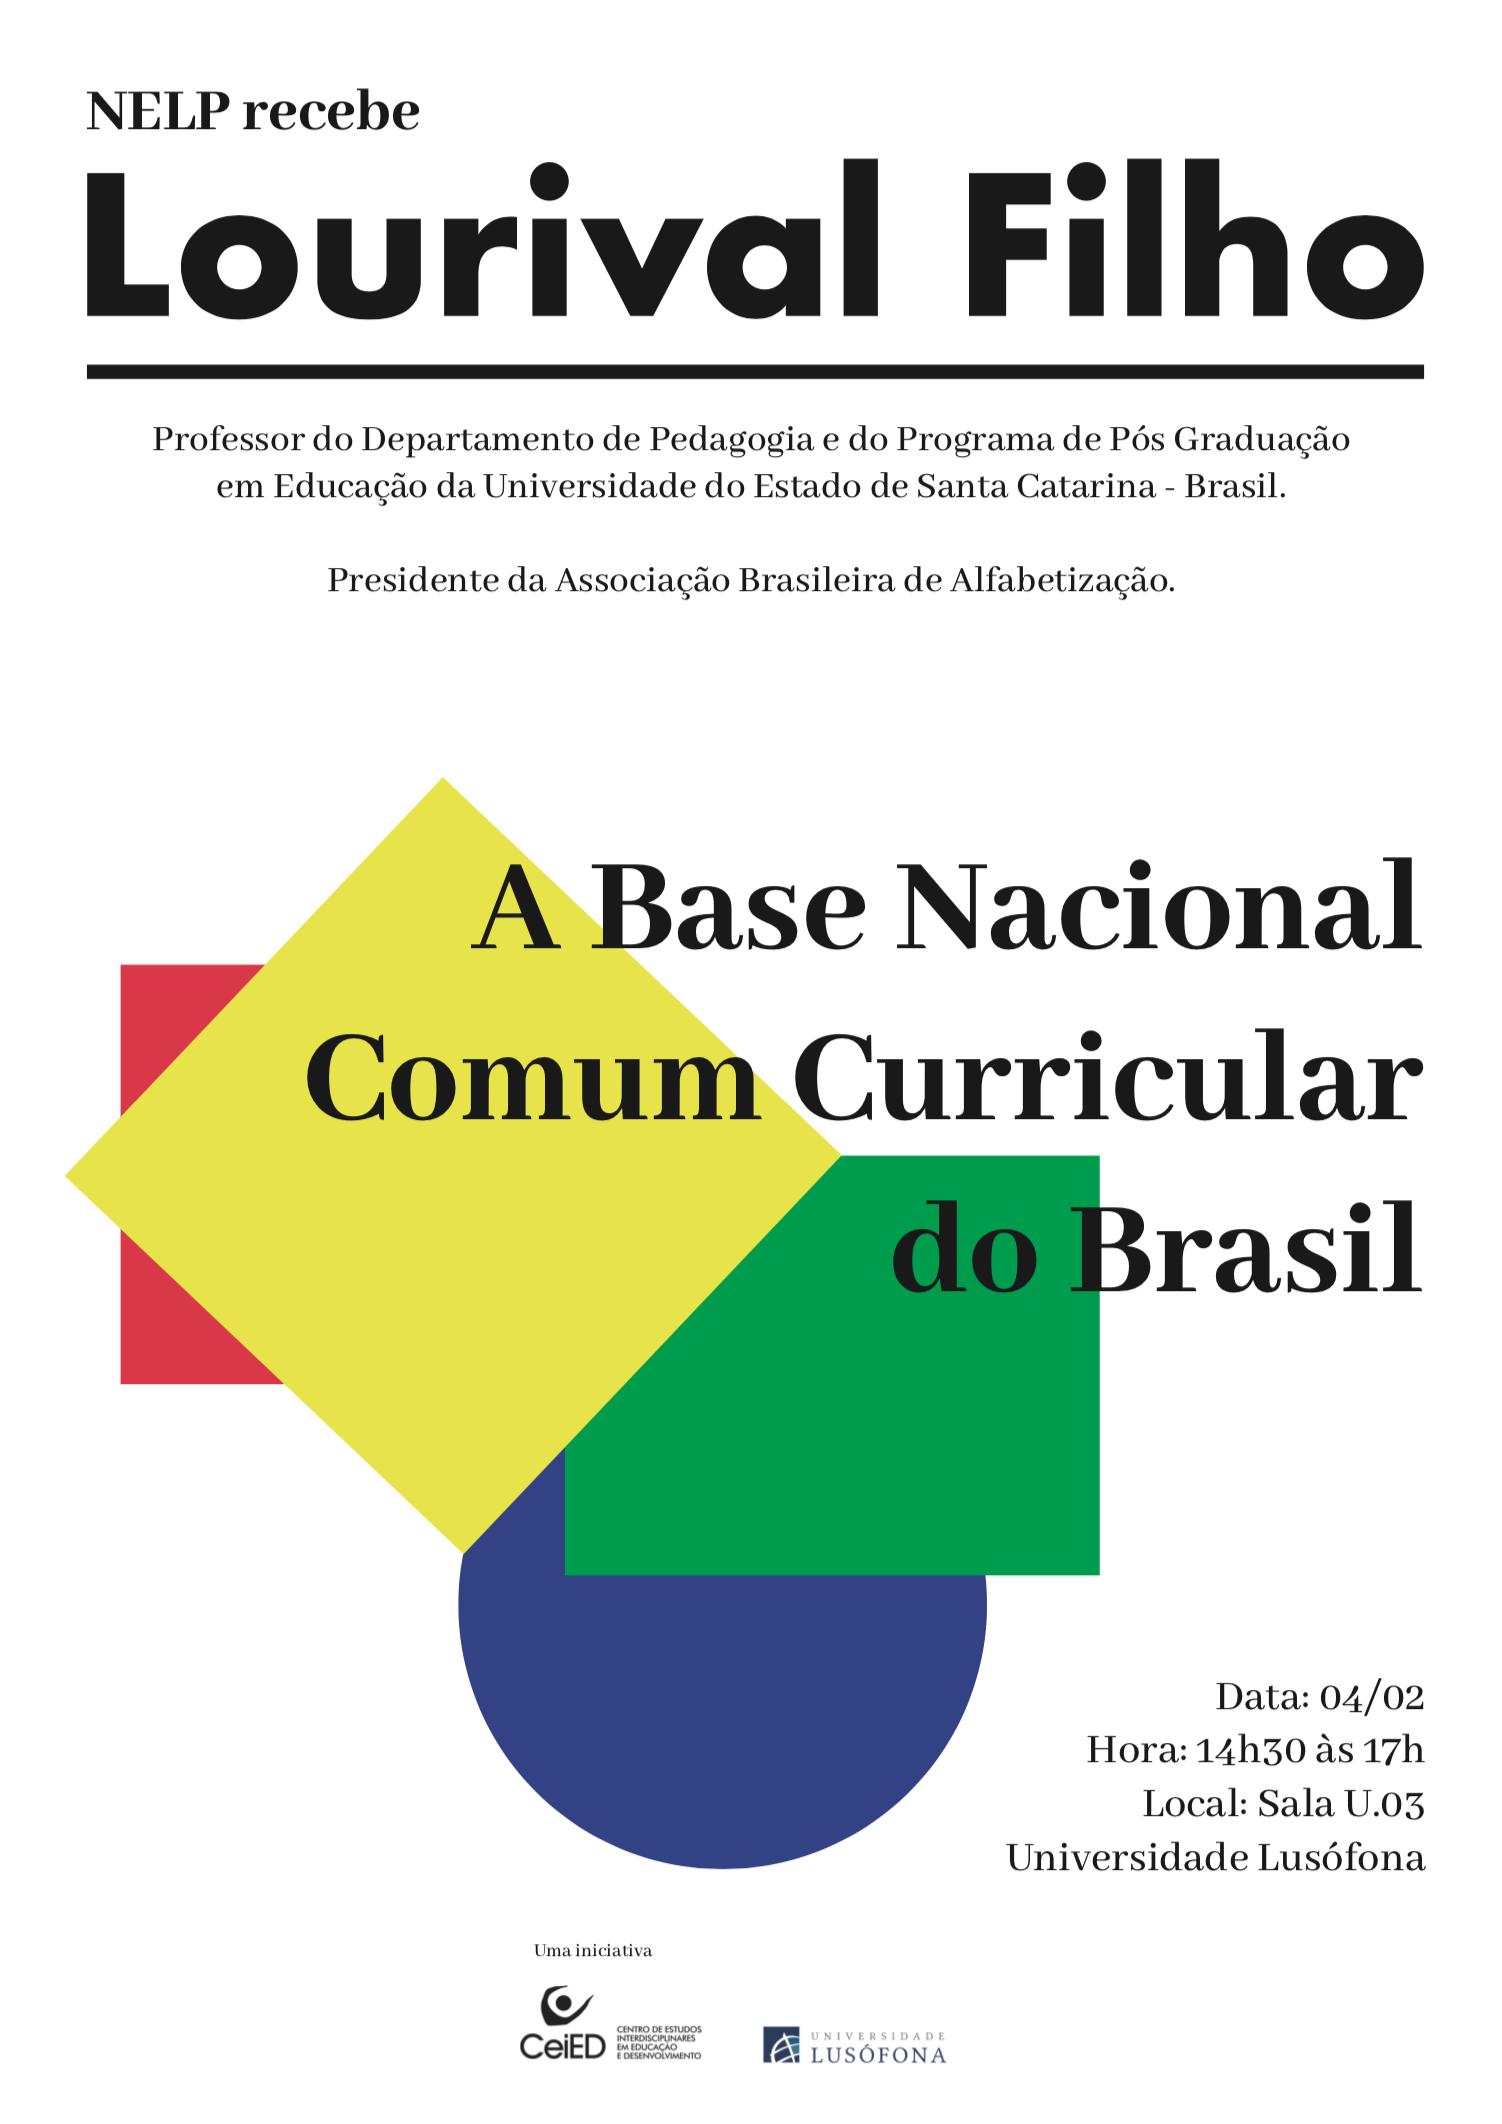 """ReLeCo Núcleo de Estudos de Língua Portuguesa promove debate """"A Base Nacional Comum Curricular do Brasil"""""""